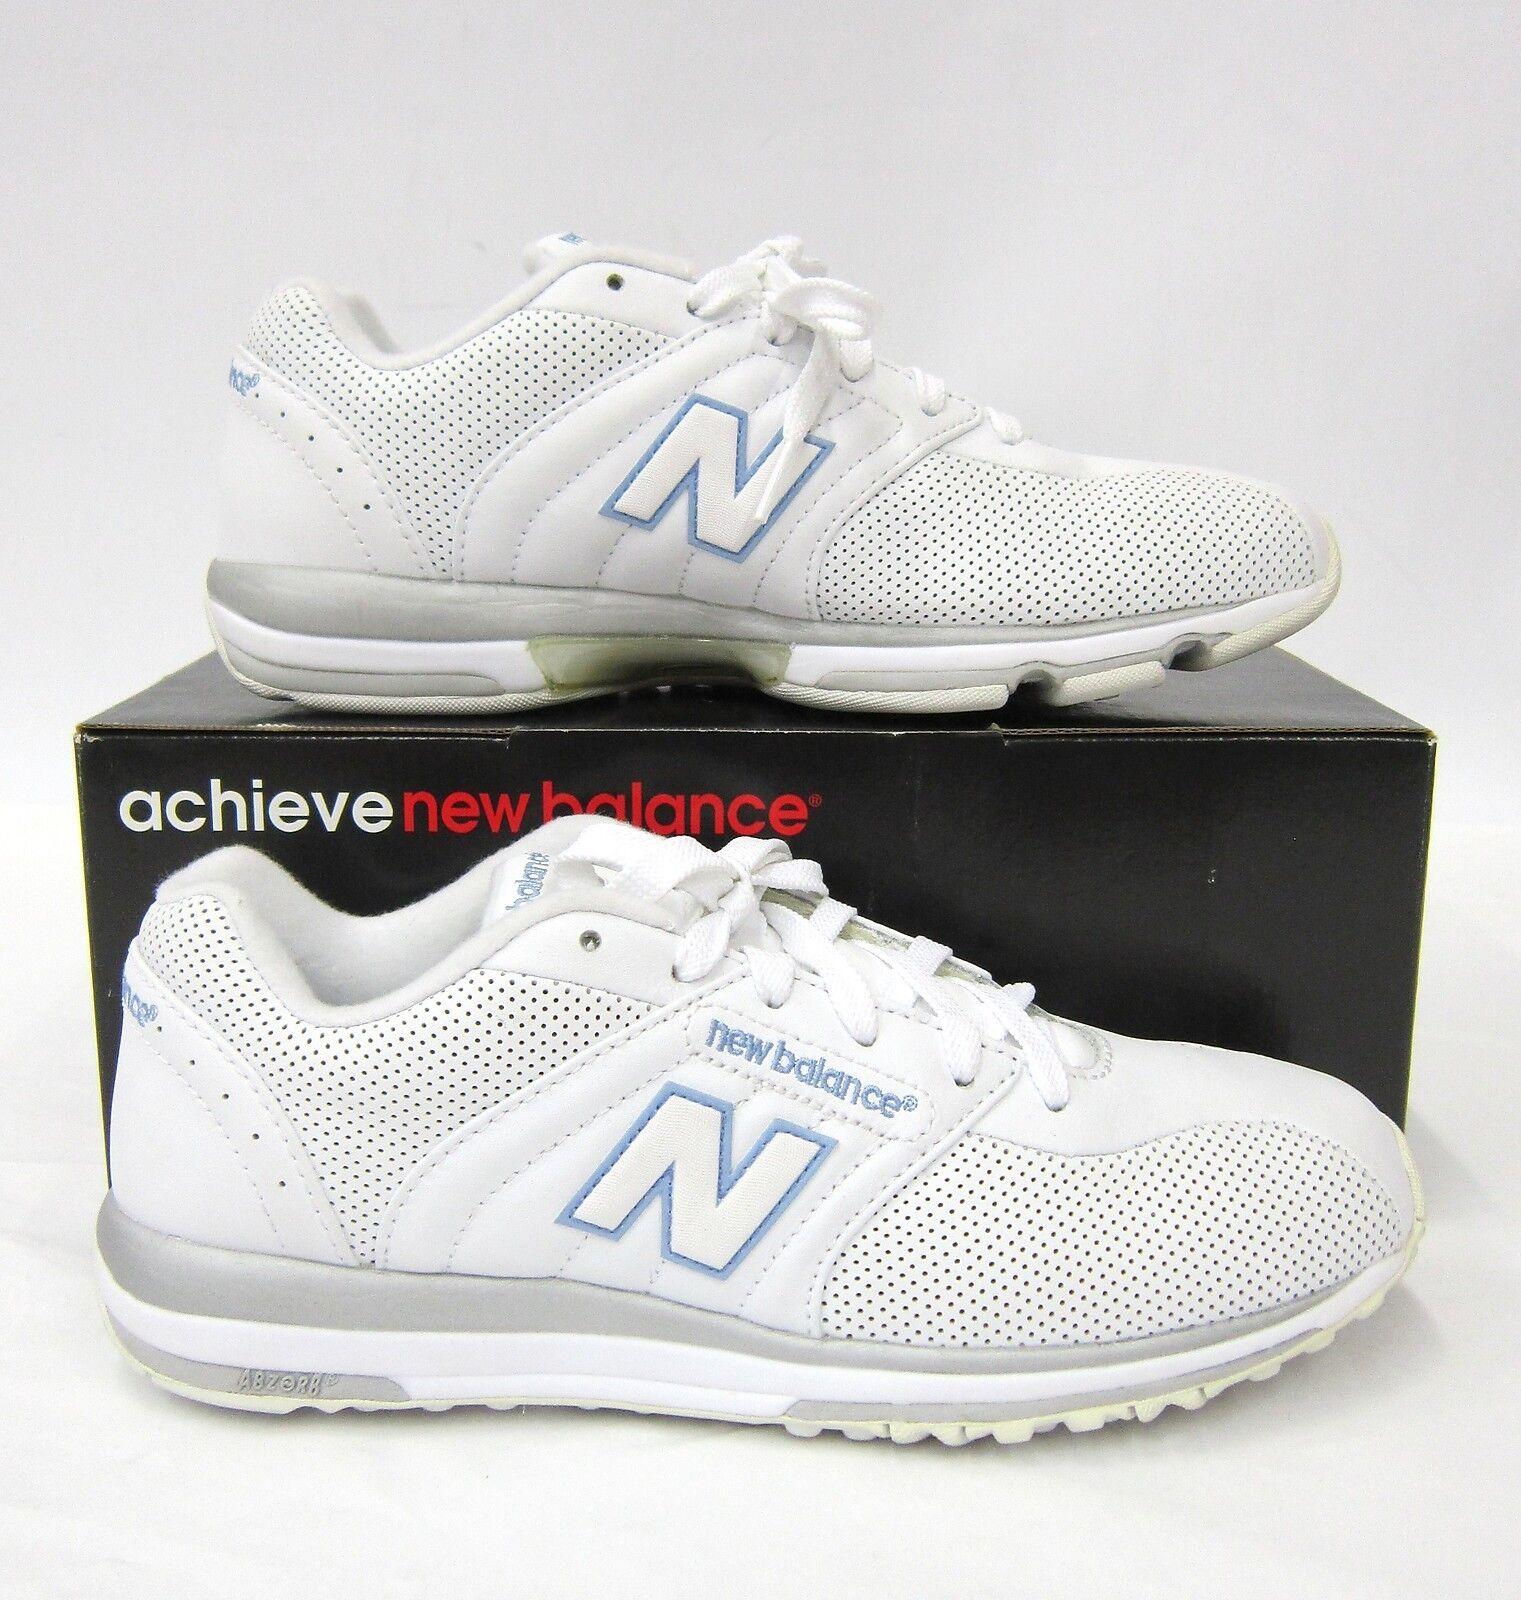 New Balance Chaussure baskets Blanc Bleu Clair 5000